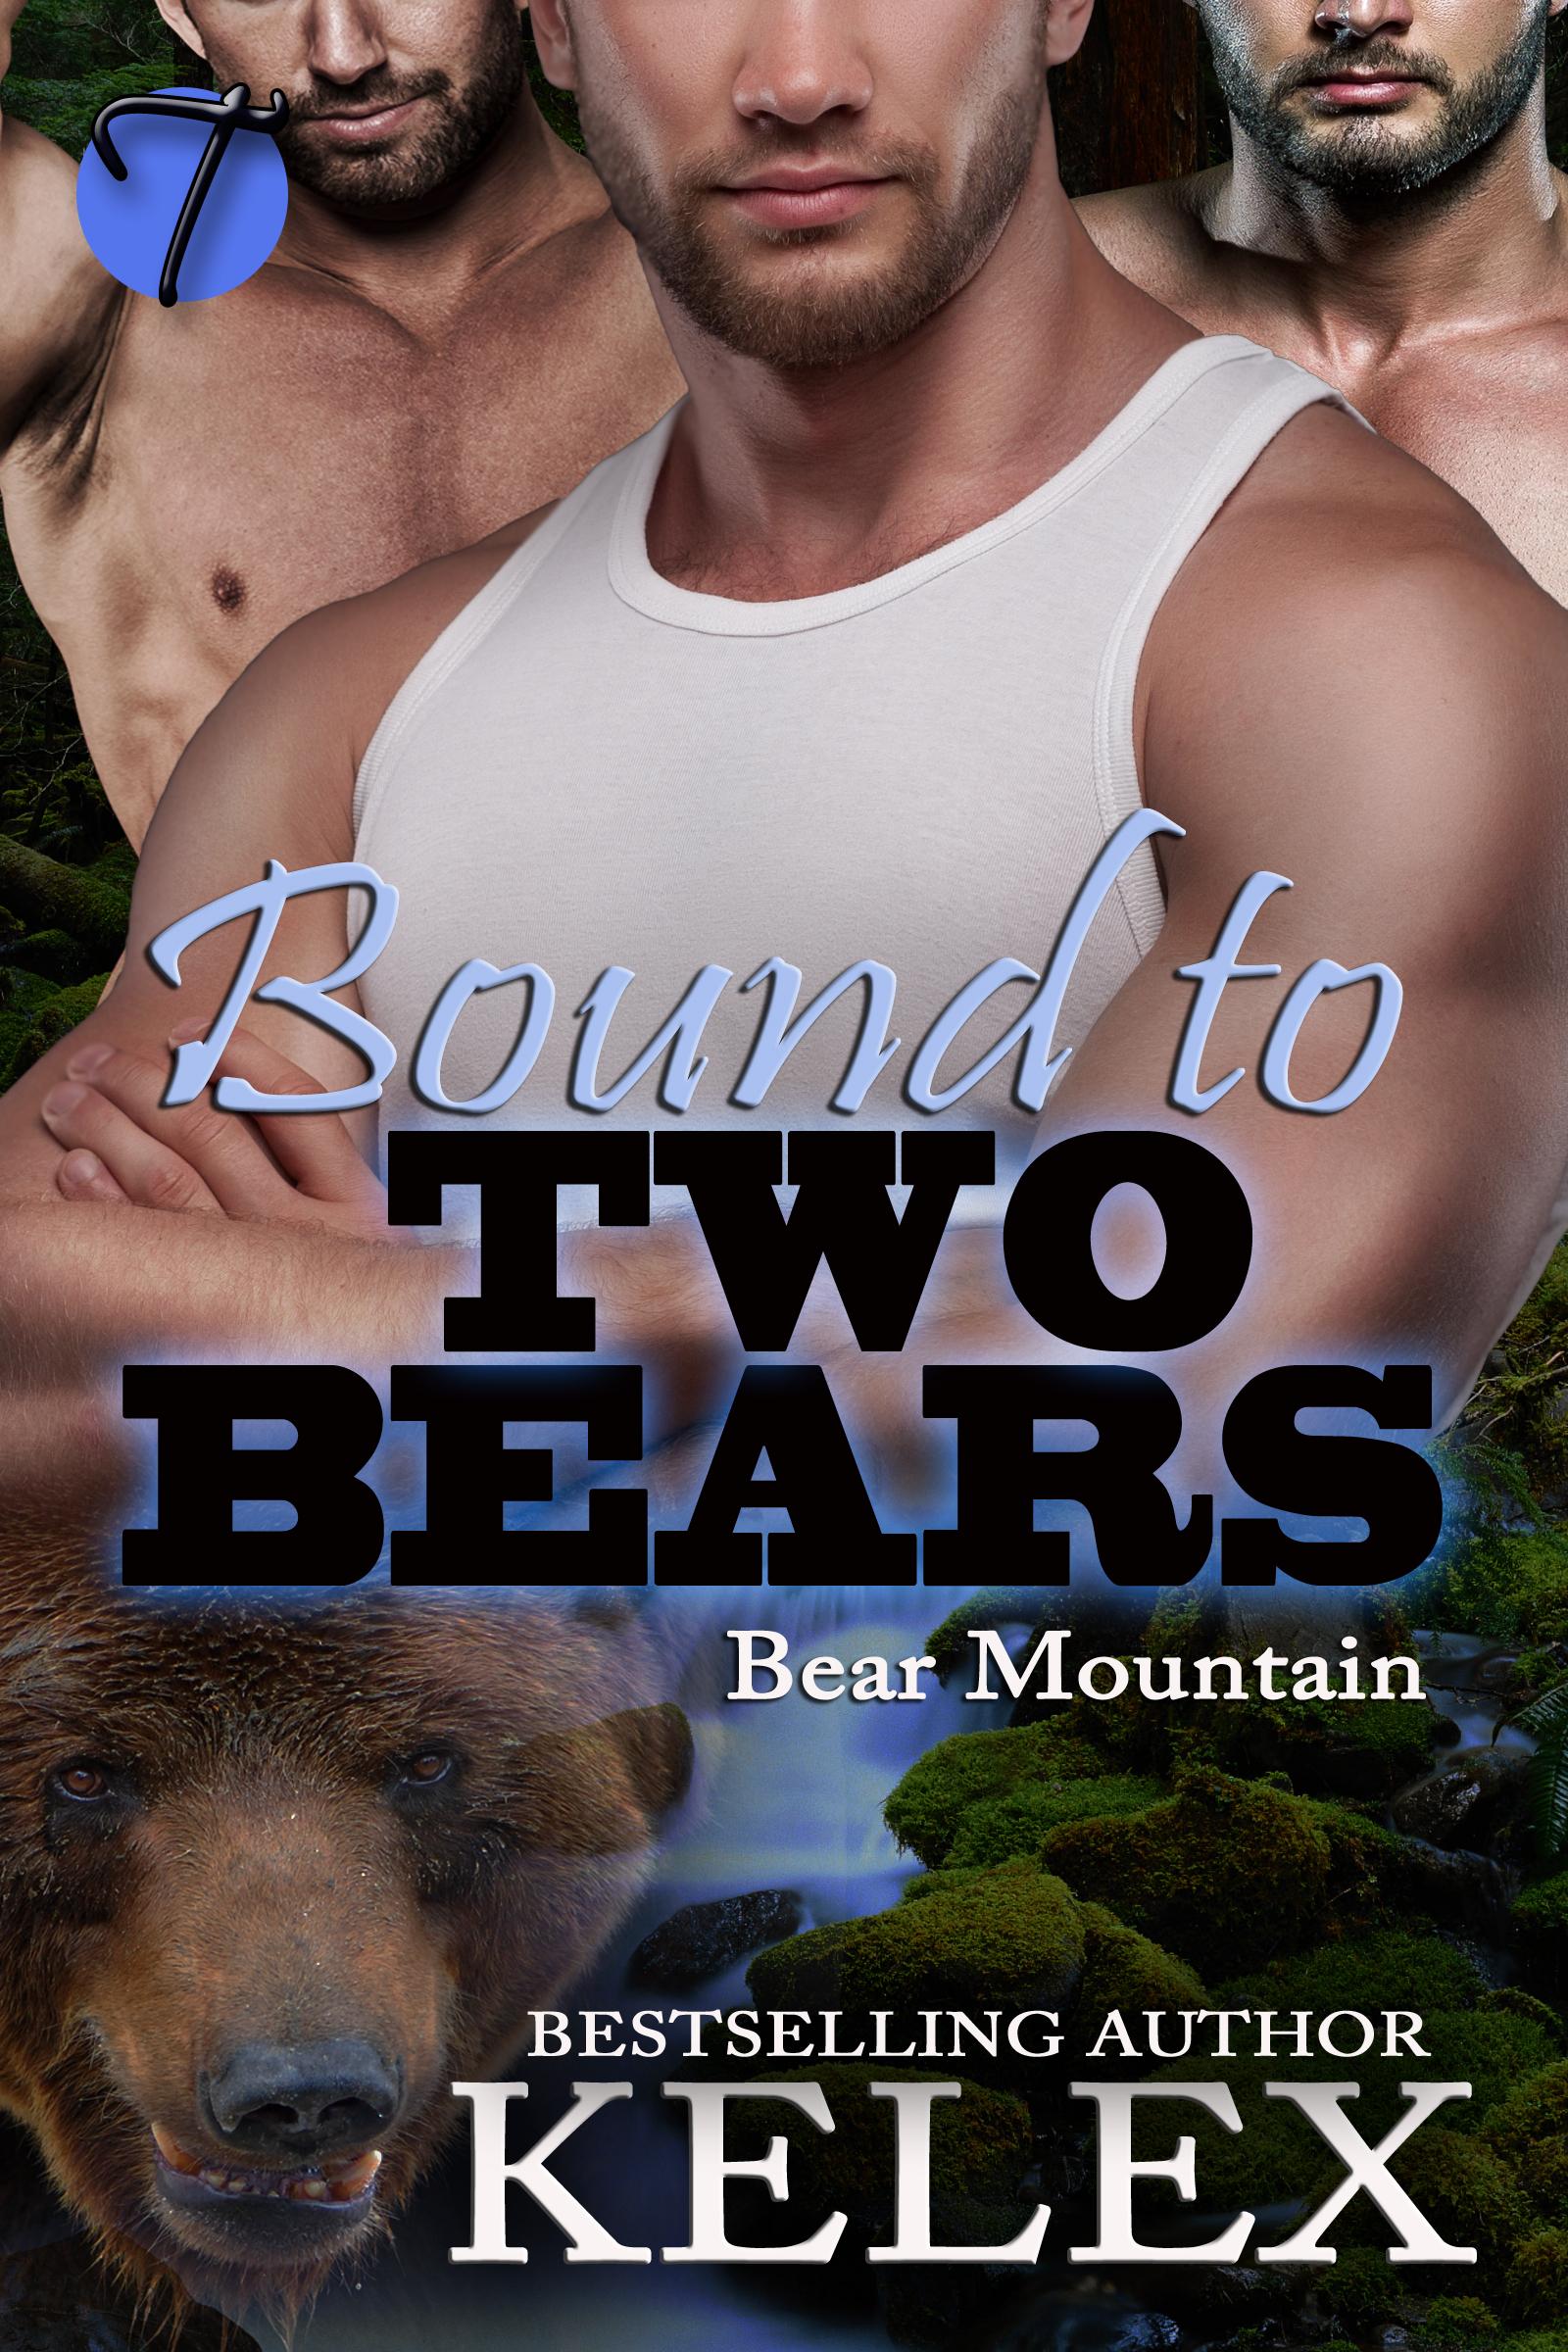 Bound to Two Bears Kelex